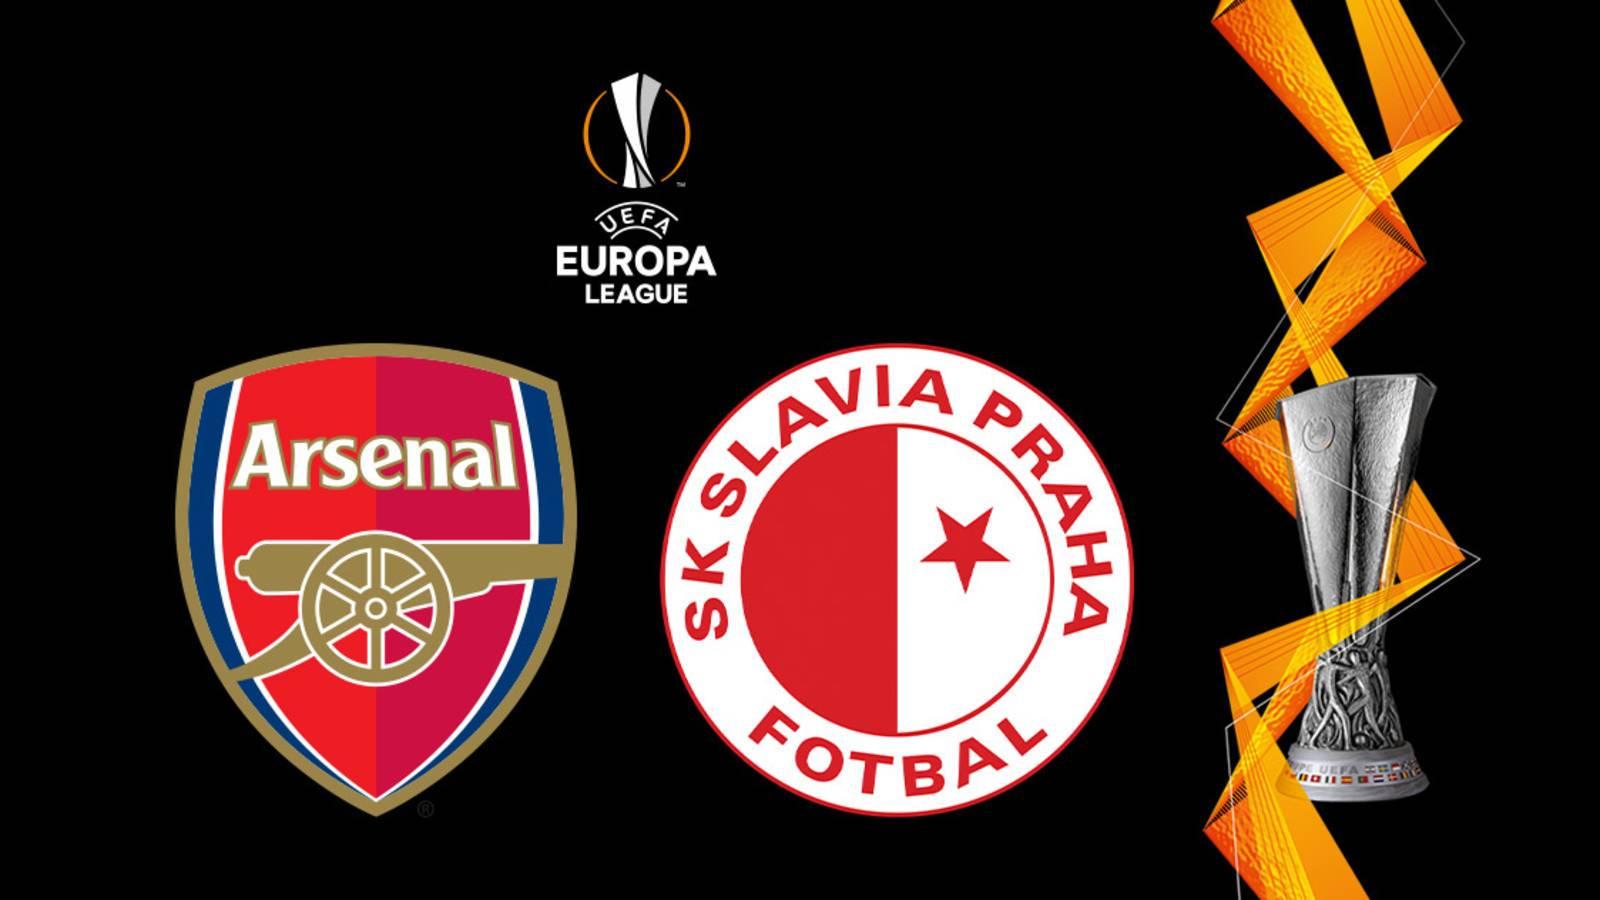 موعد مباراة أرسنال القادمة ضد سلافيا براج والقنوات الناقلة في الدوري الأوروبي